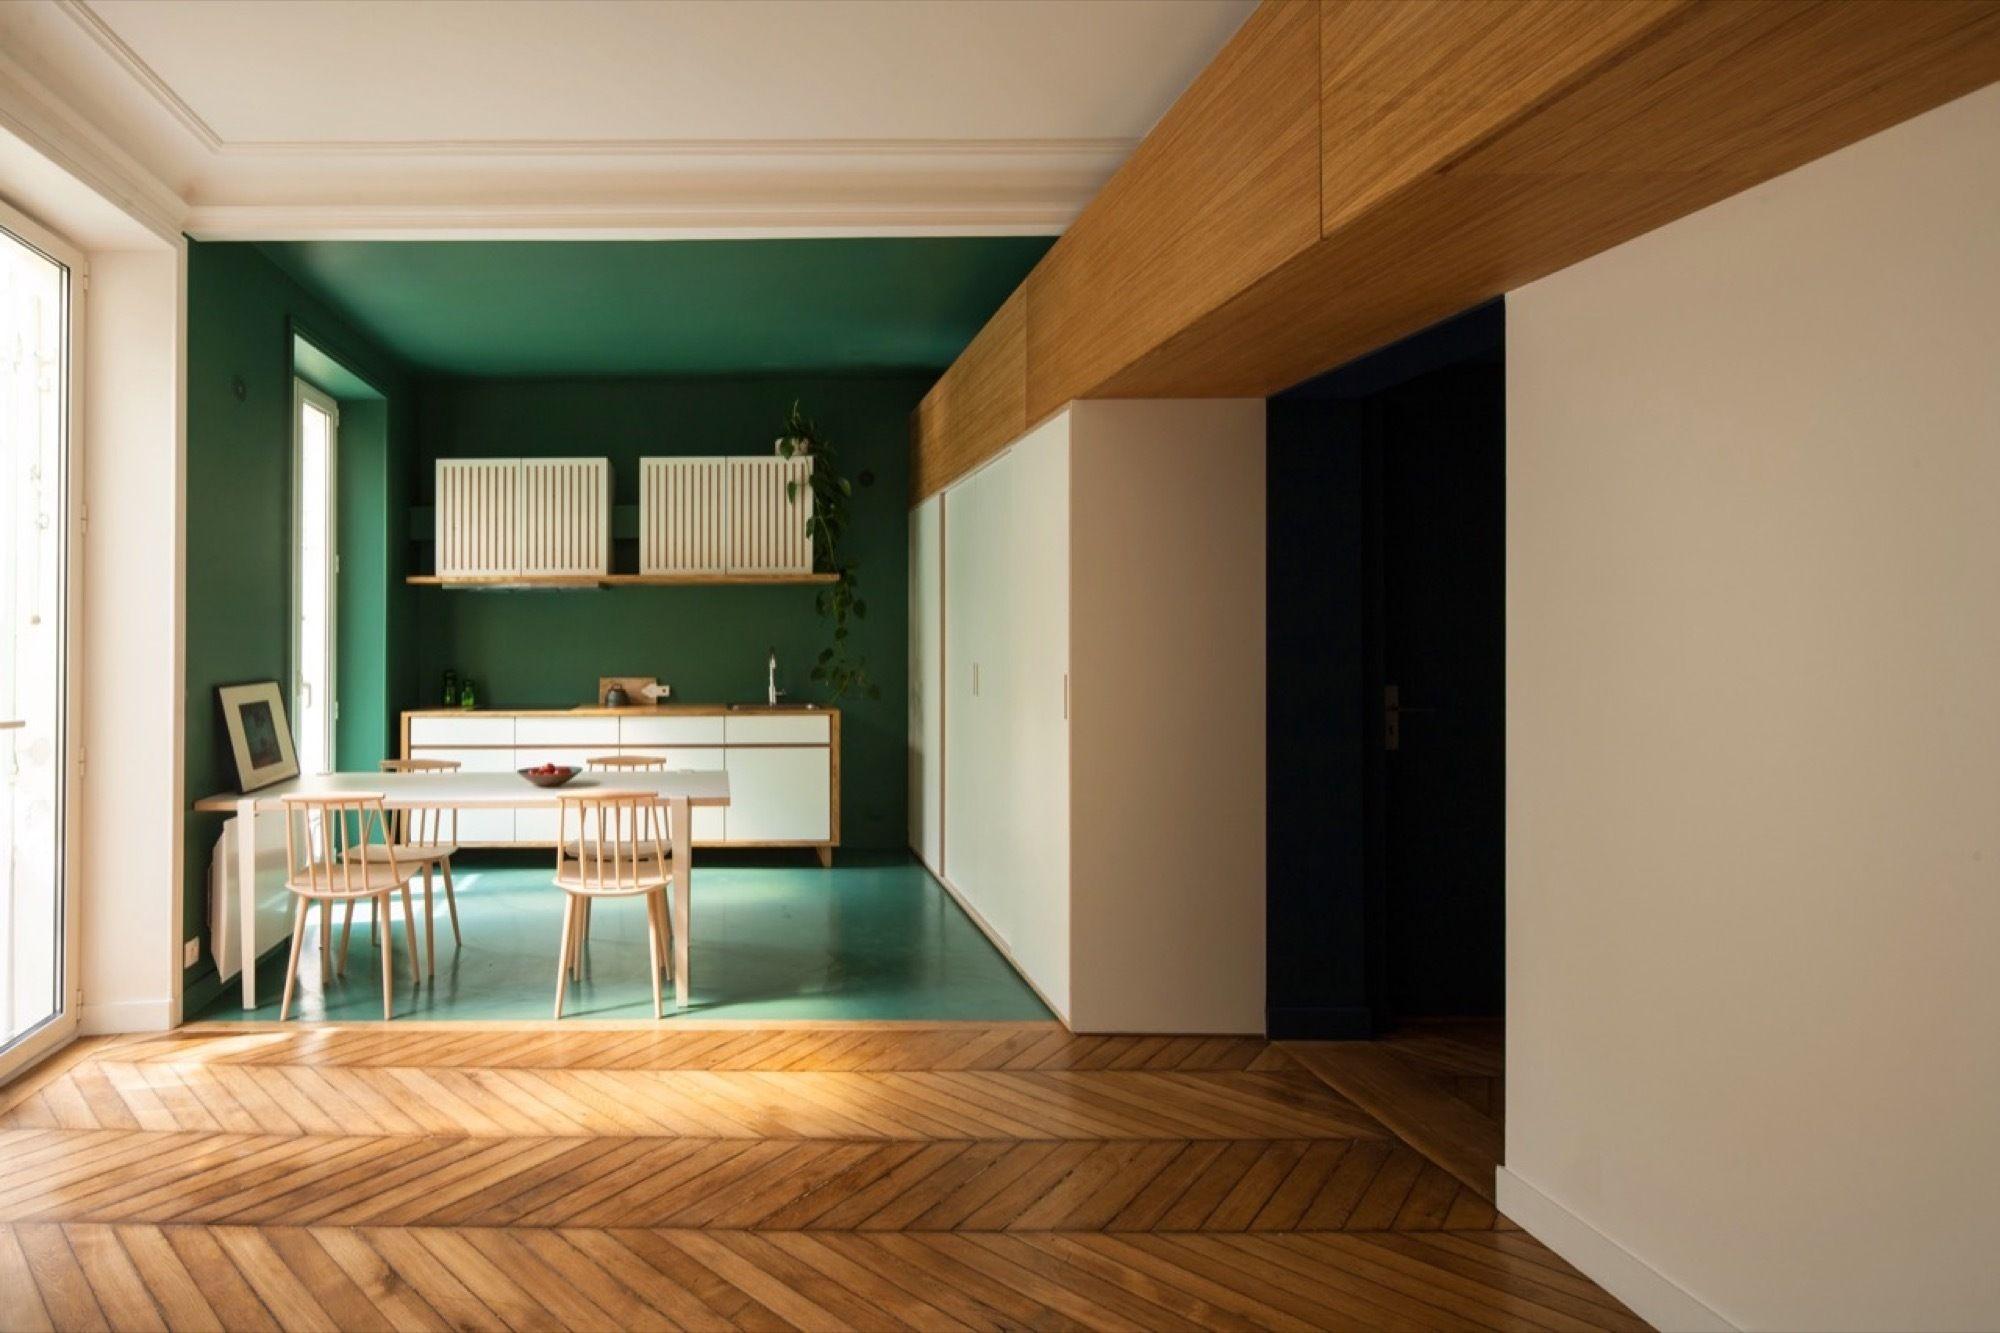 Townhouse / Les Ateliers Tristan & Sagitta